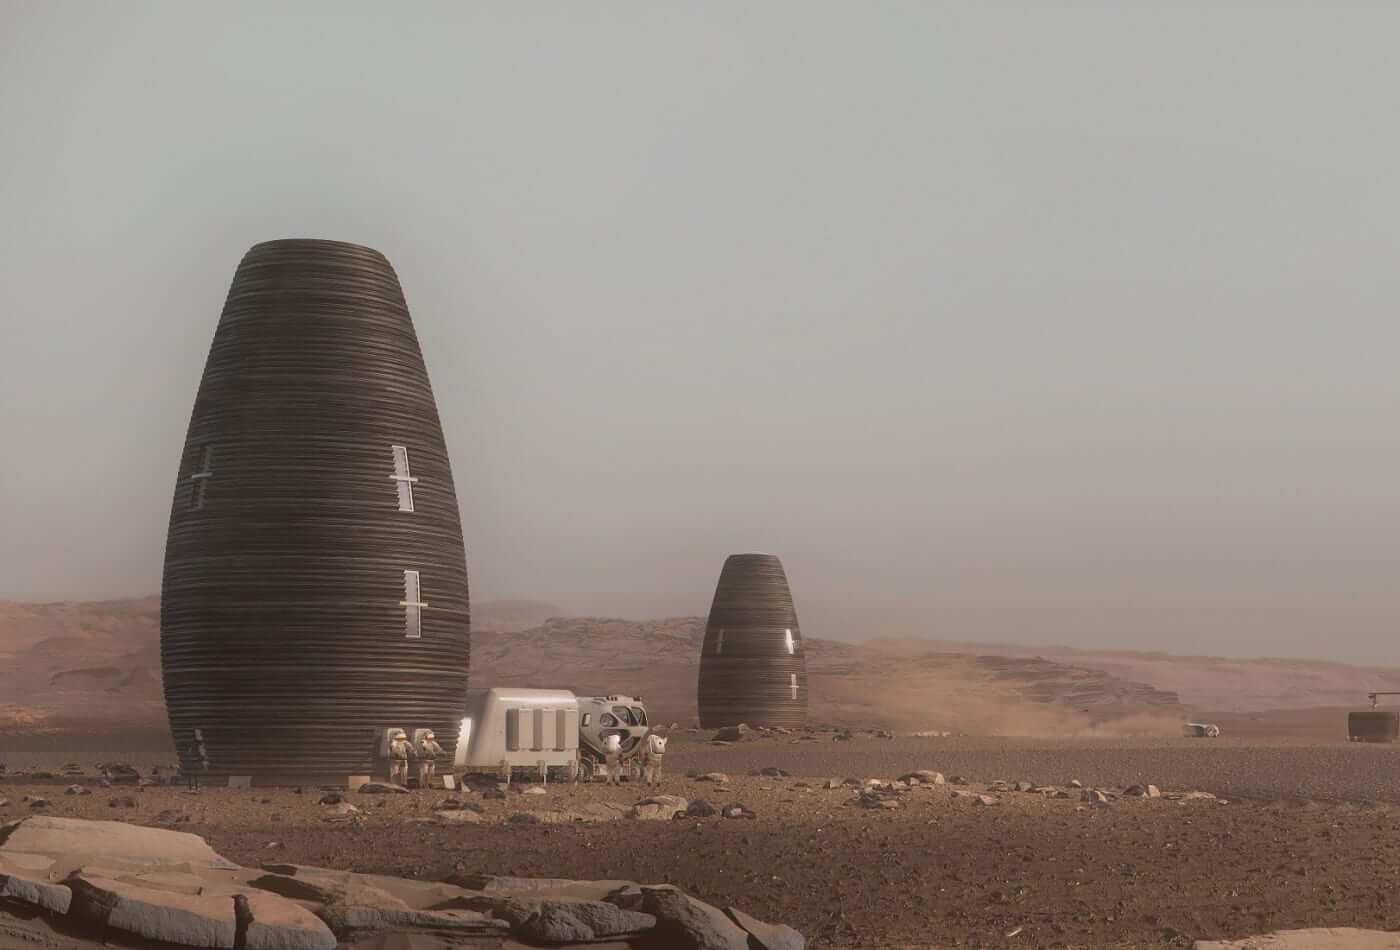 No kādiem materiāliem varētu būvēt mājas uz Marsa?